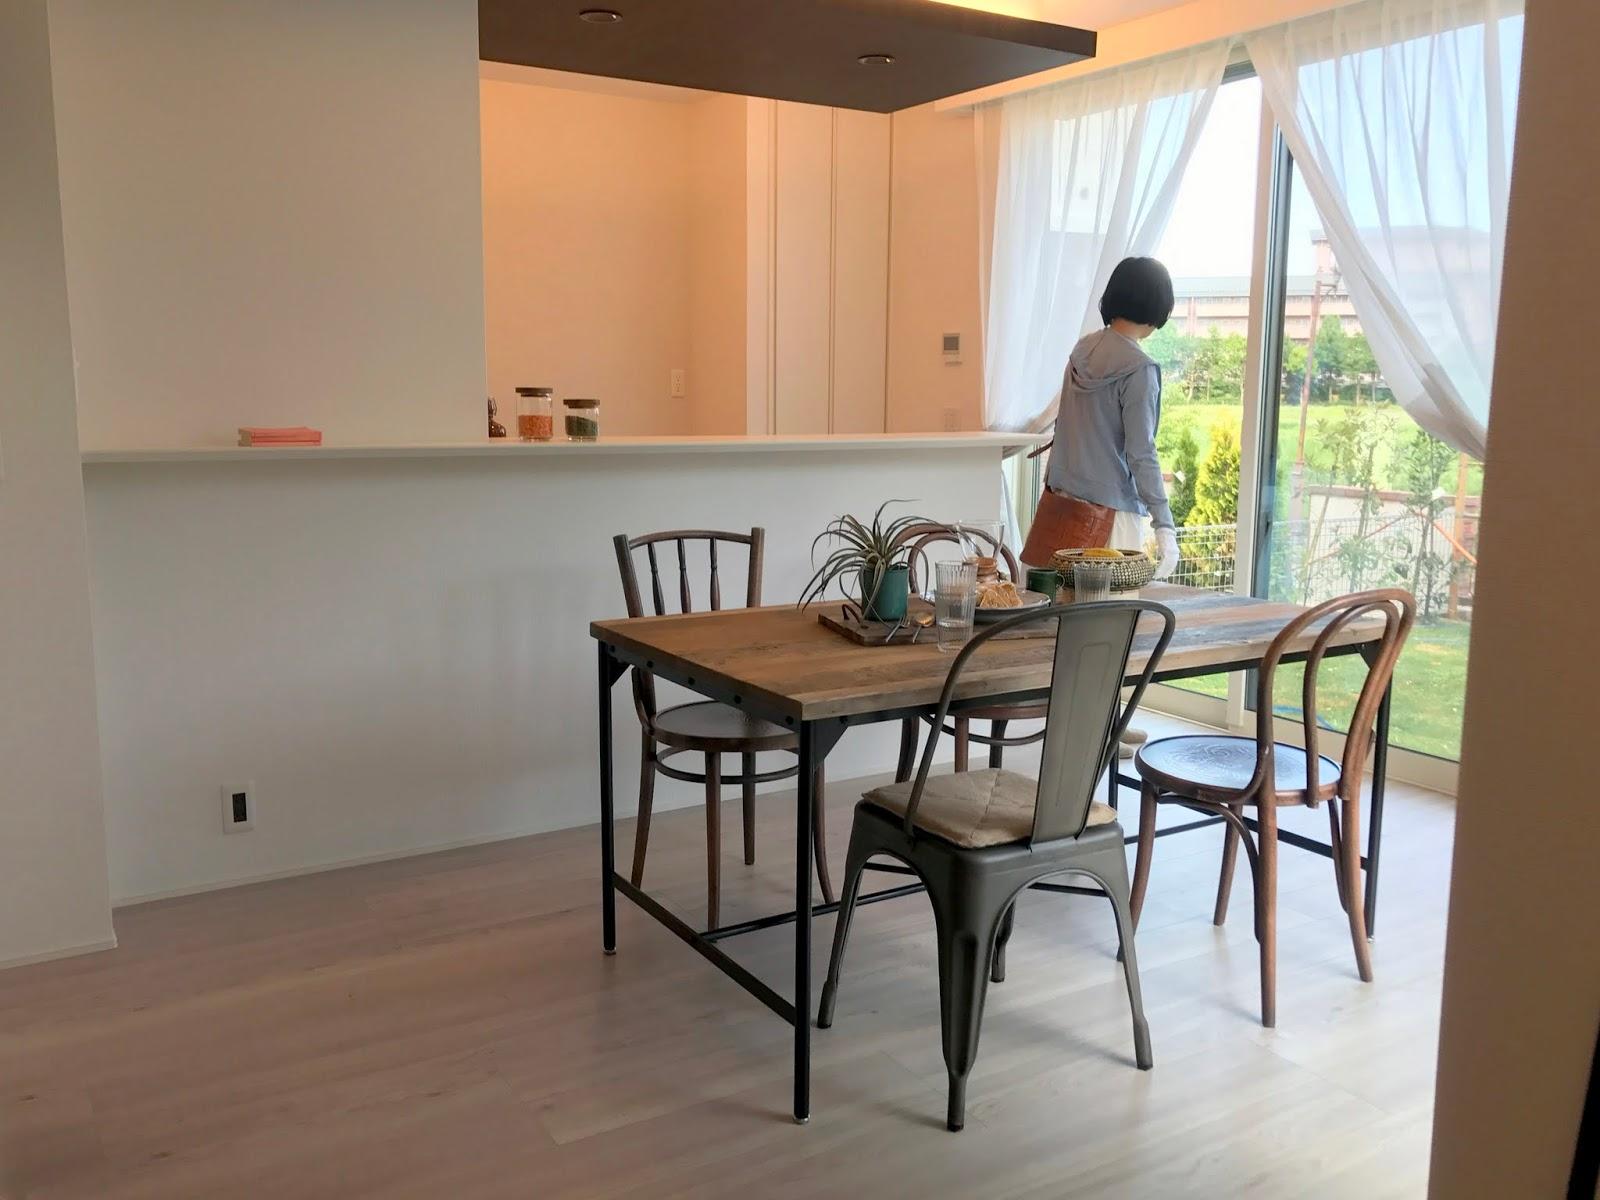 鳳梨人稍微進行了一個寫網誌的動作: 日本買房初體驗(六)星と時のvillage